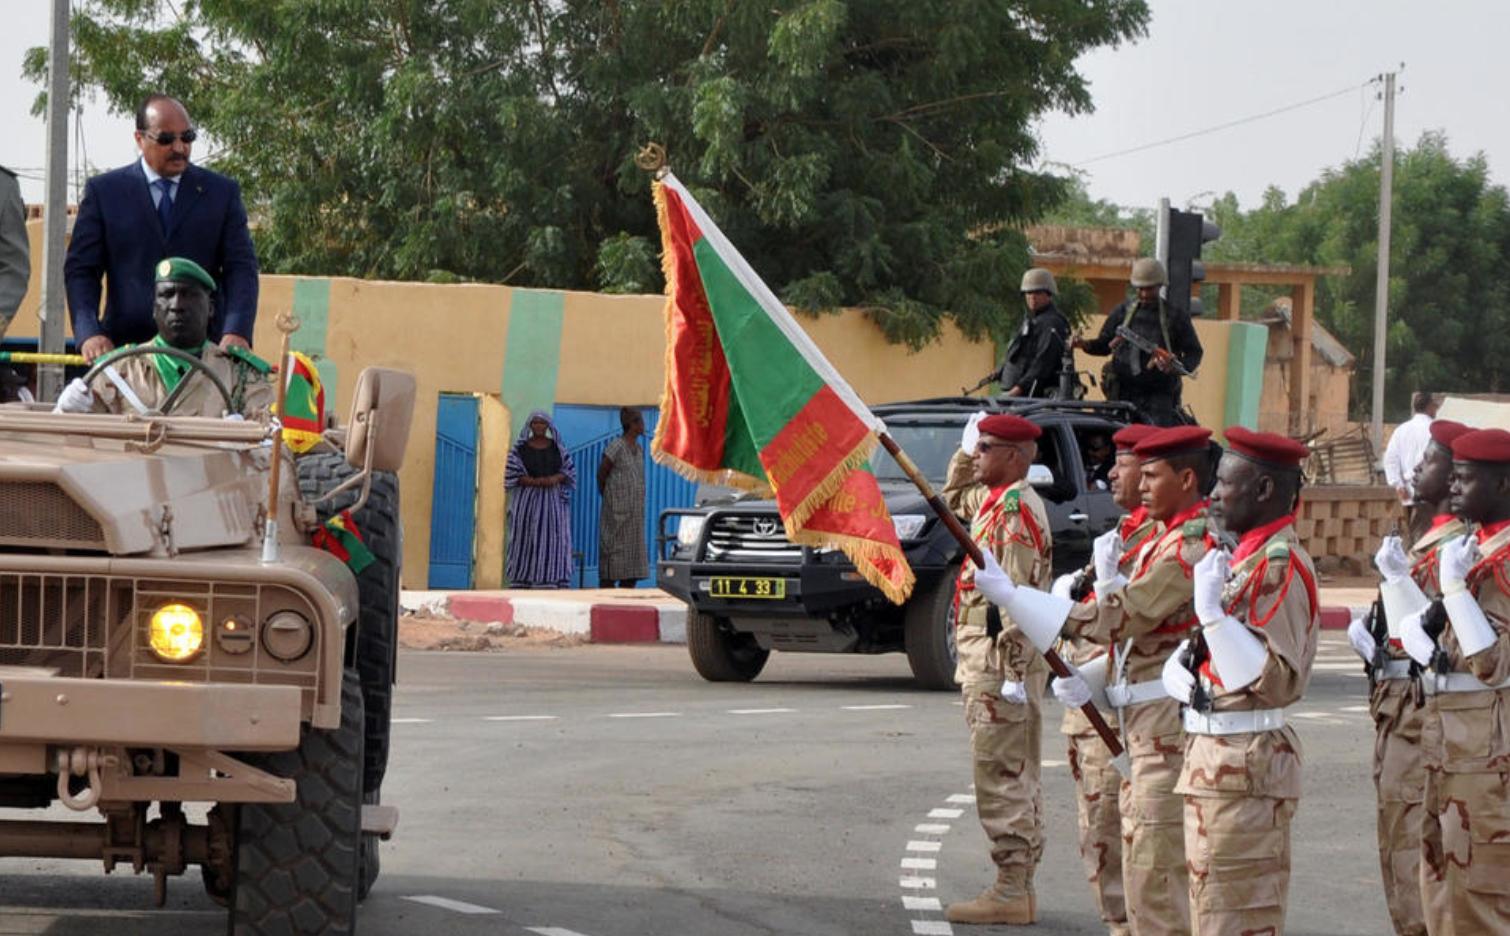 Mauritanie: la commission d'enquête sur les années Abdel Aziz détaille sa mission